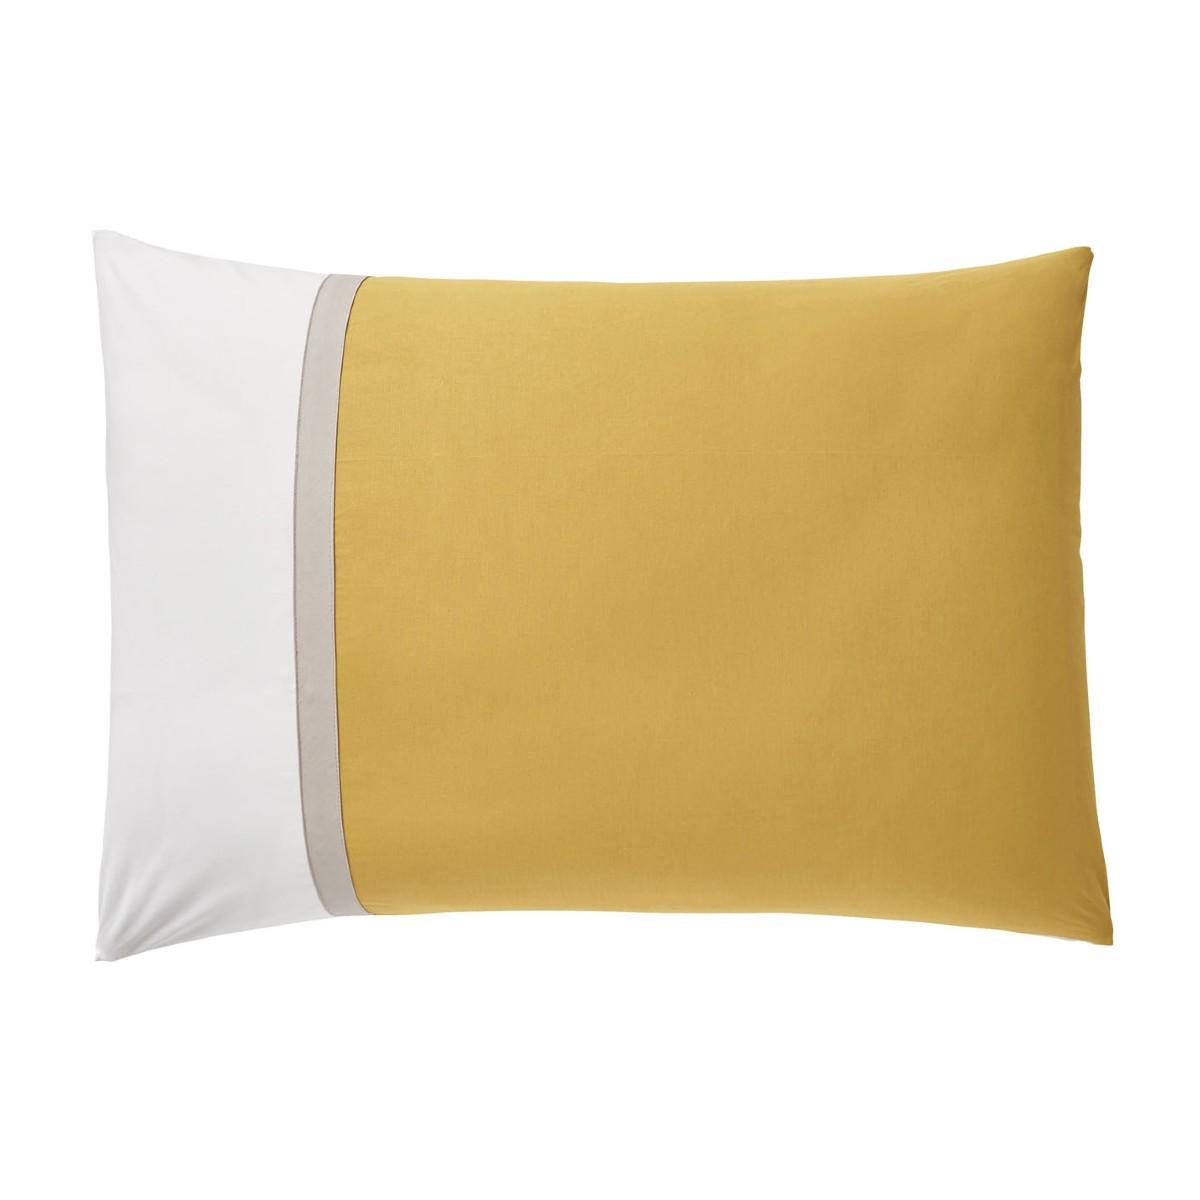 Taie d'oreiller rectangle bicolore en coton 50x70